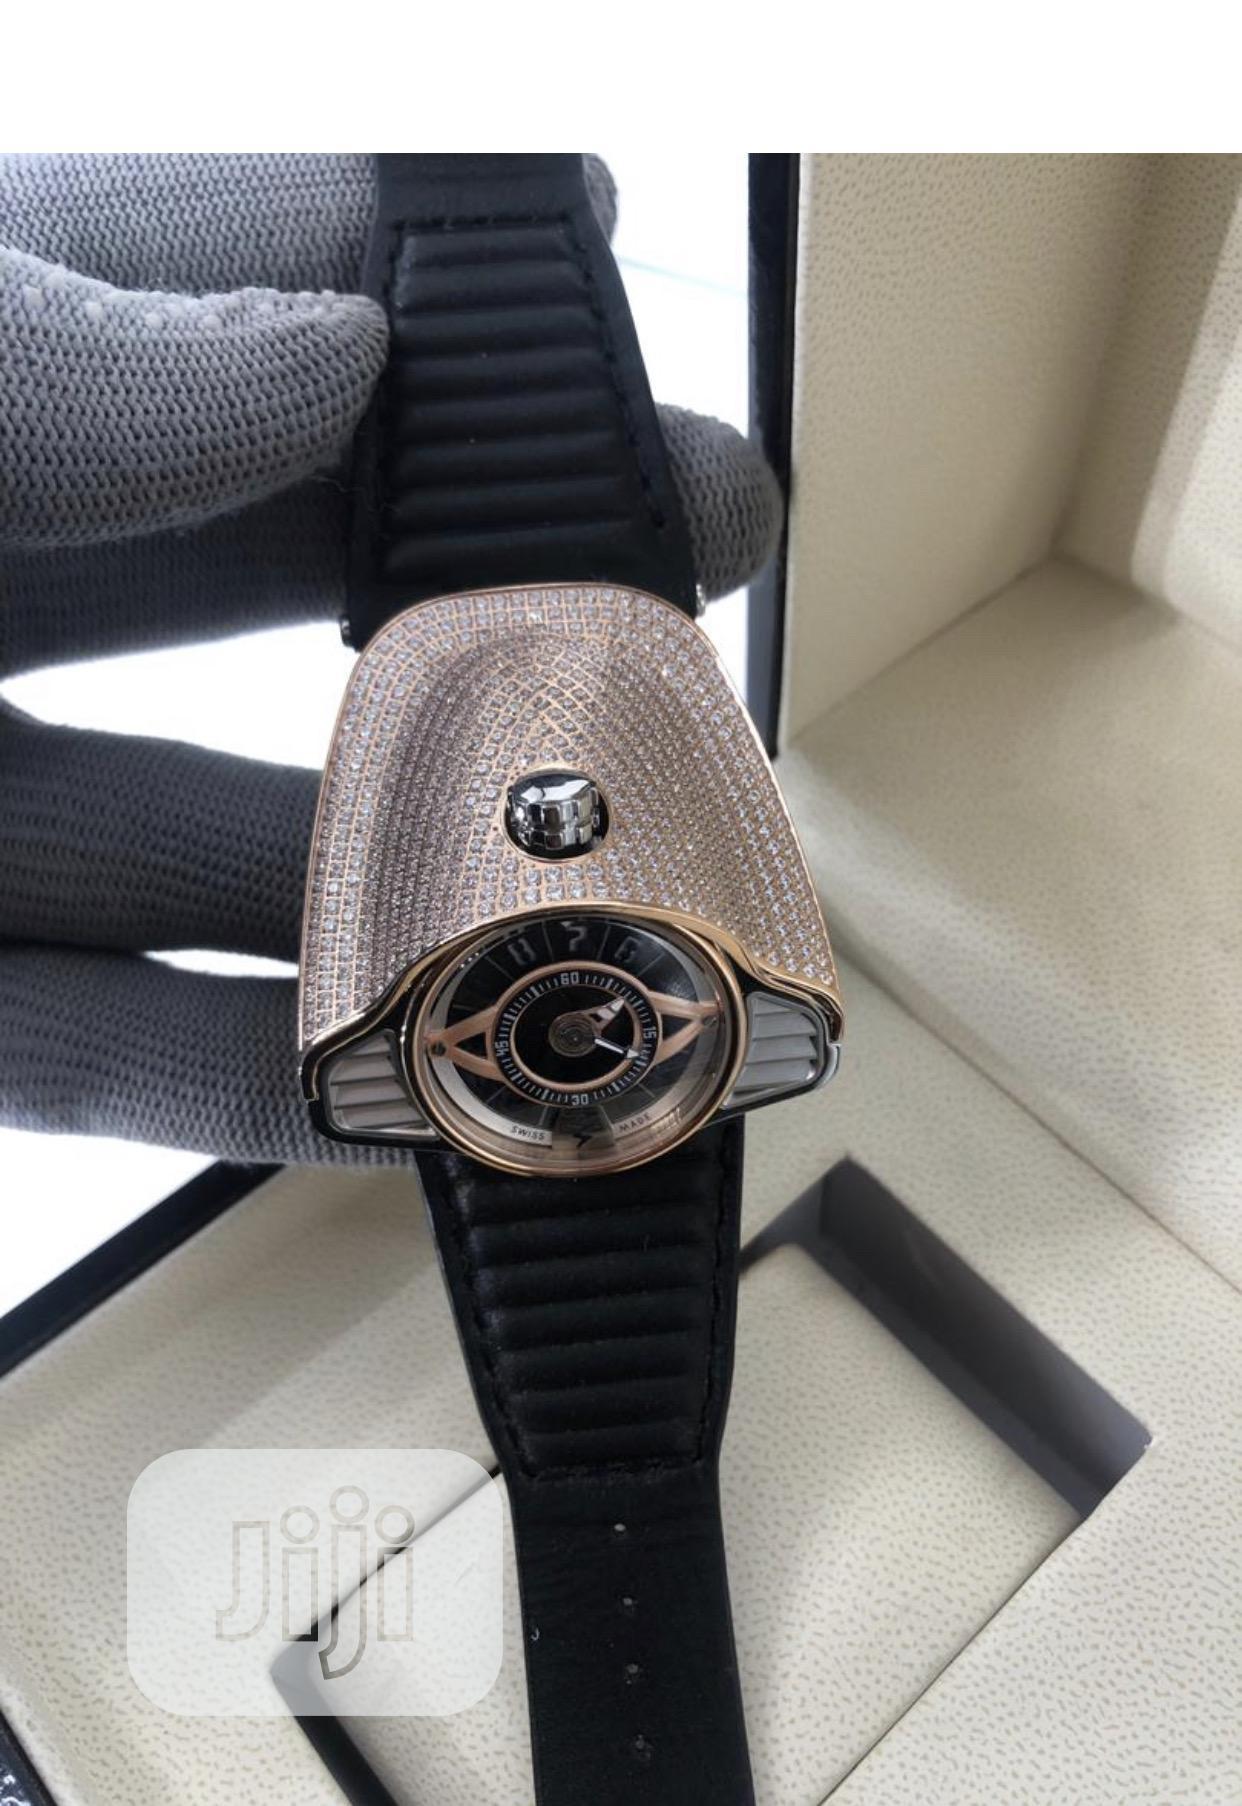 Azimuth Swiss Made Wrist Watch